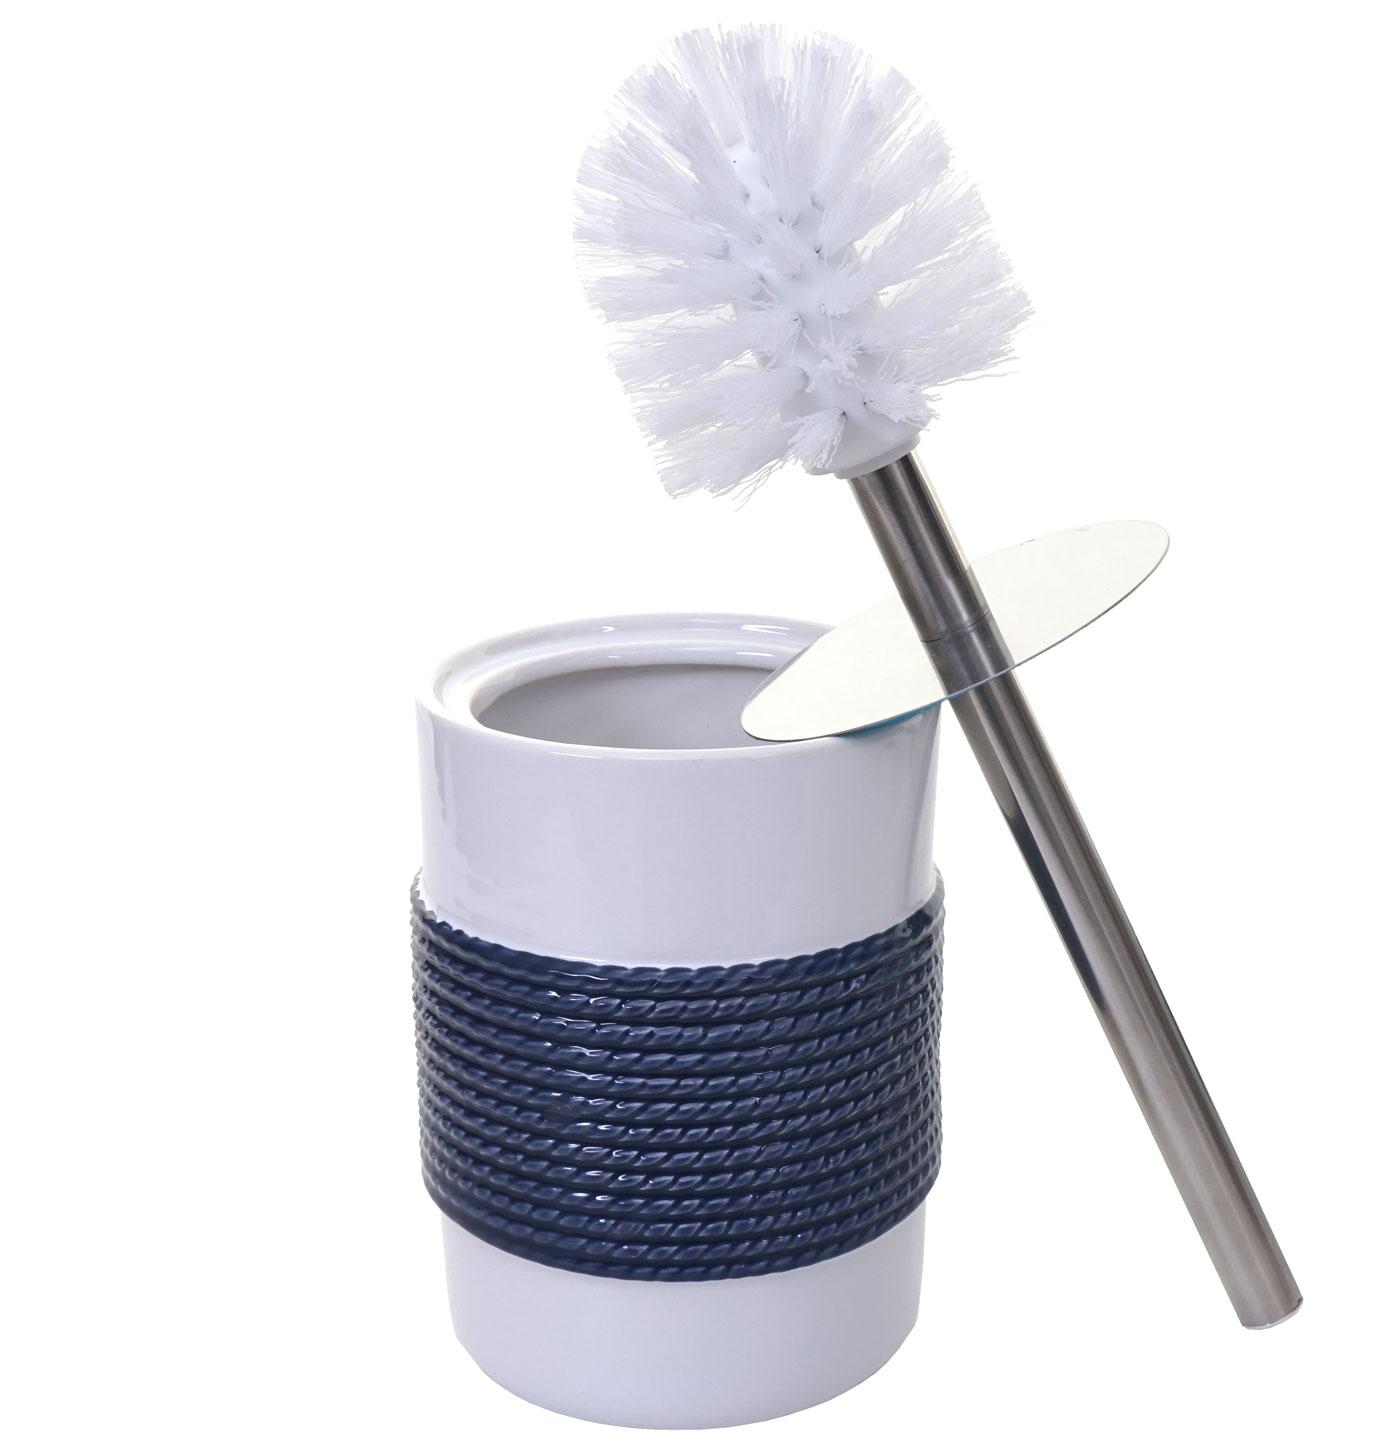 Toilettenbürstenhalter HWC-C73 blau/weiss